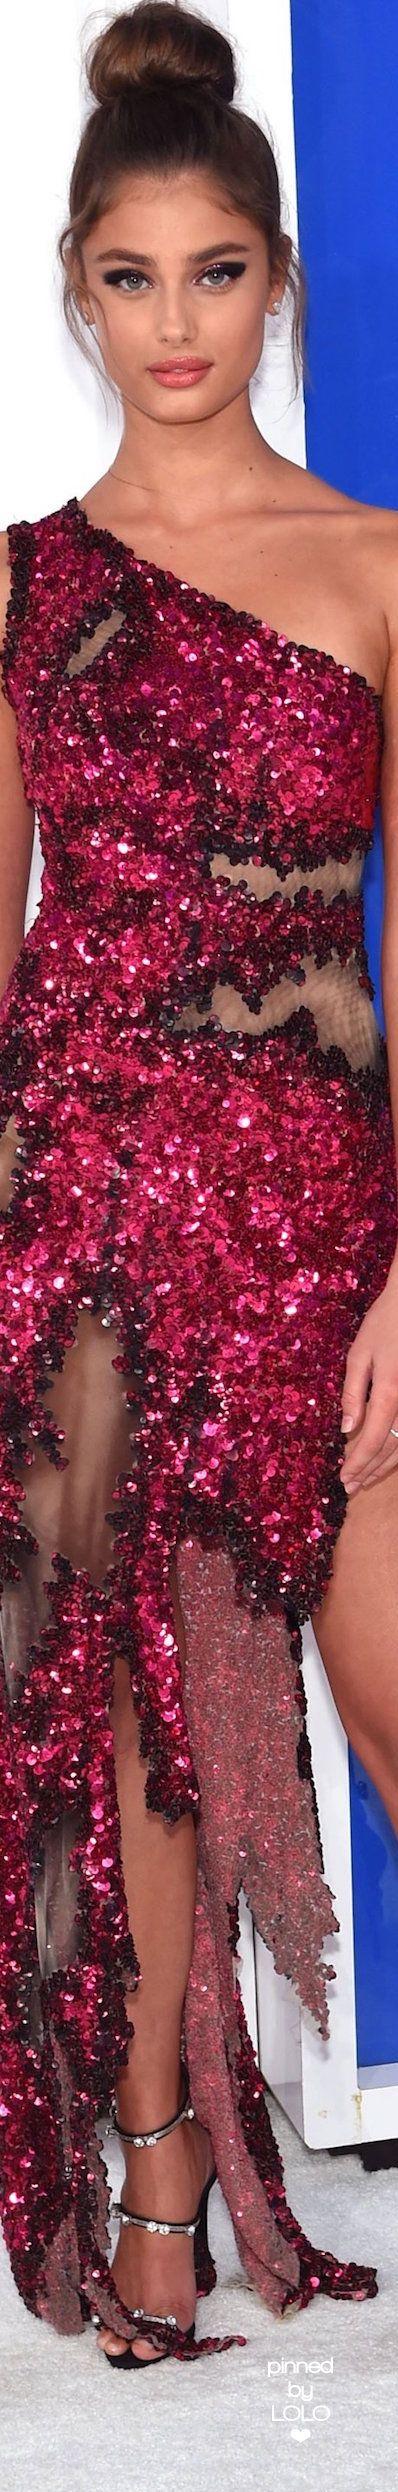 Taylor Hill in Moschino 2016 VMA's   LOLO❤︎